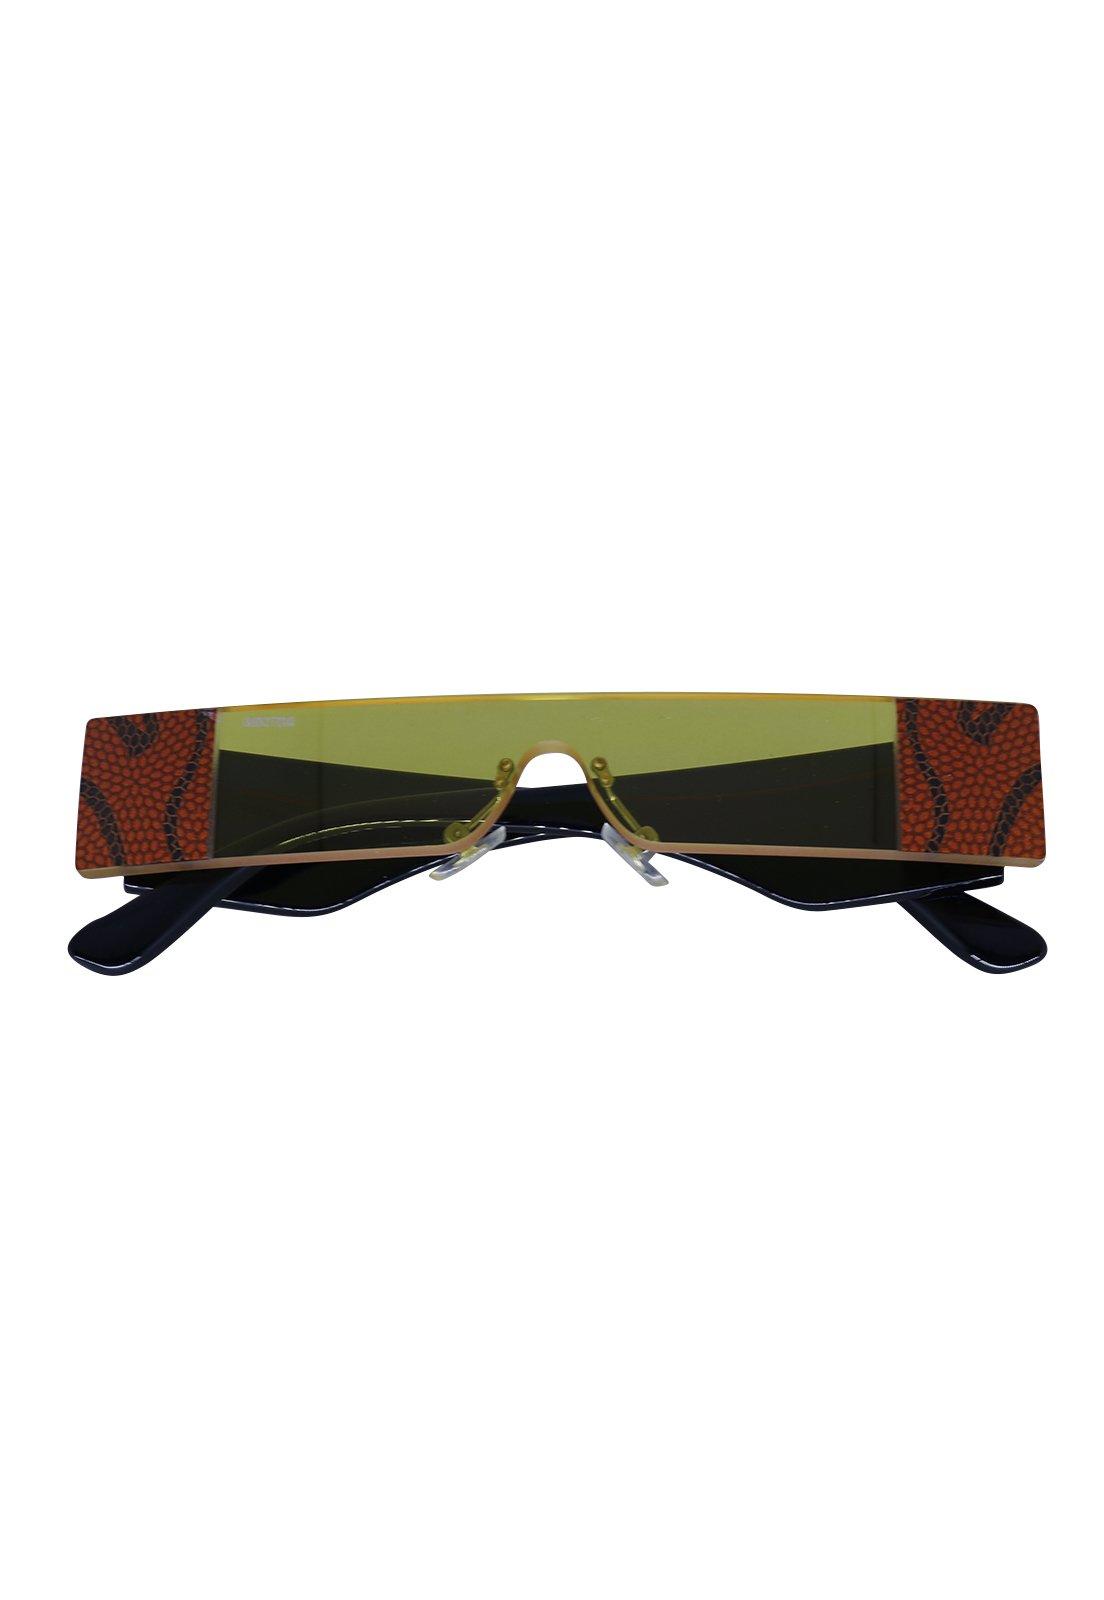 Óculos de Sol Grungetteria Wild Amarelo